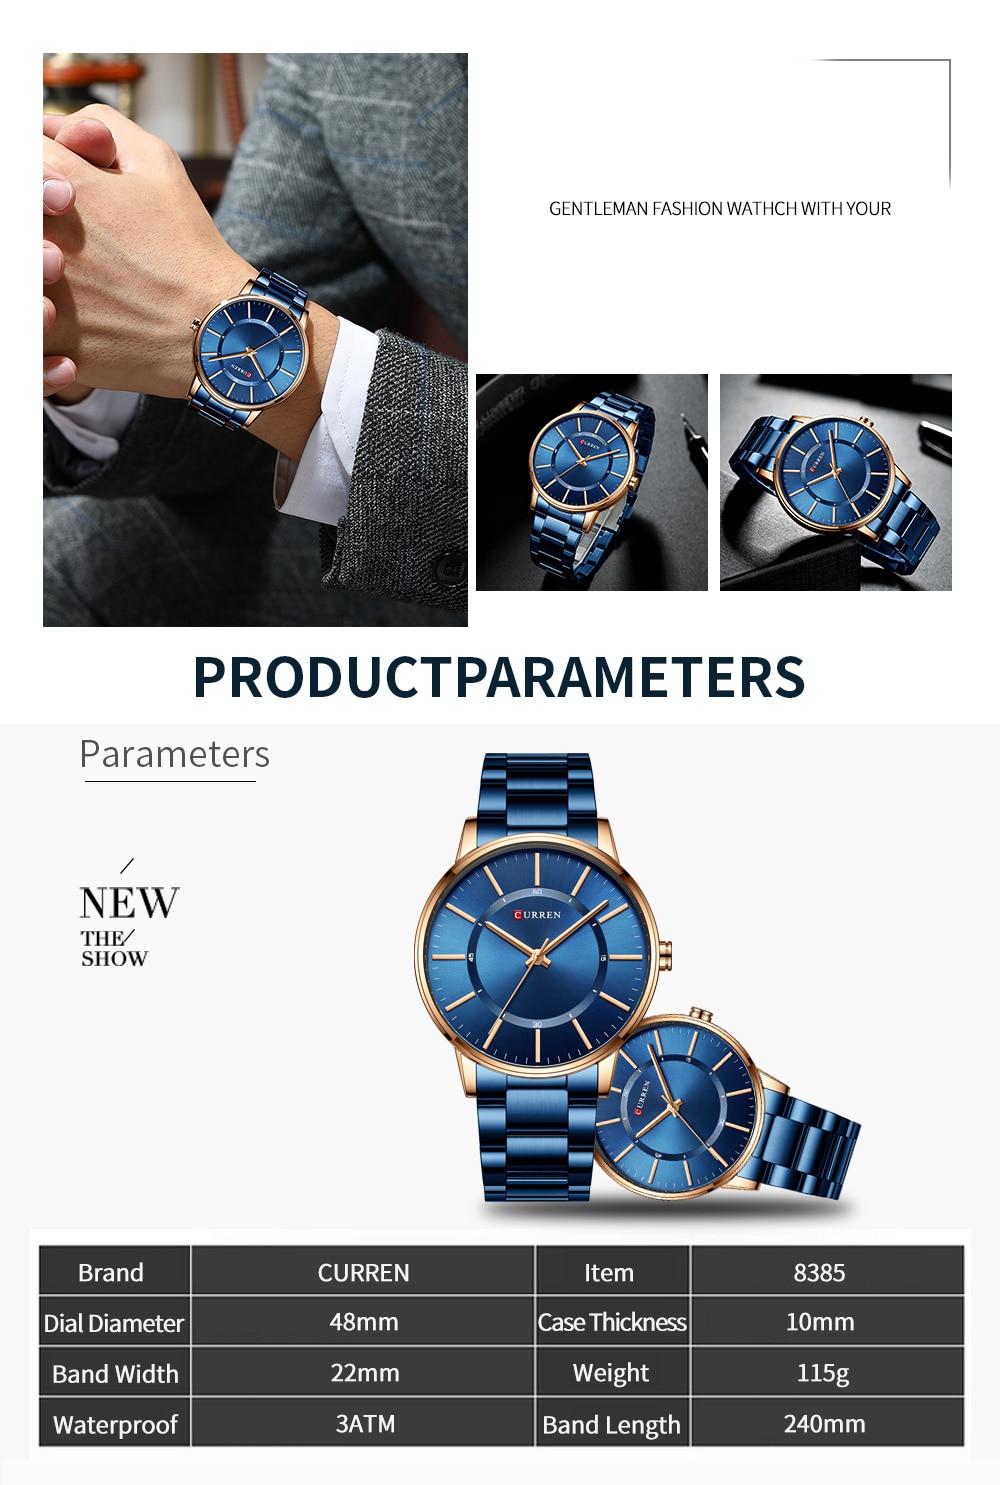 curren 8385 Men's Watch